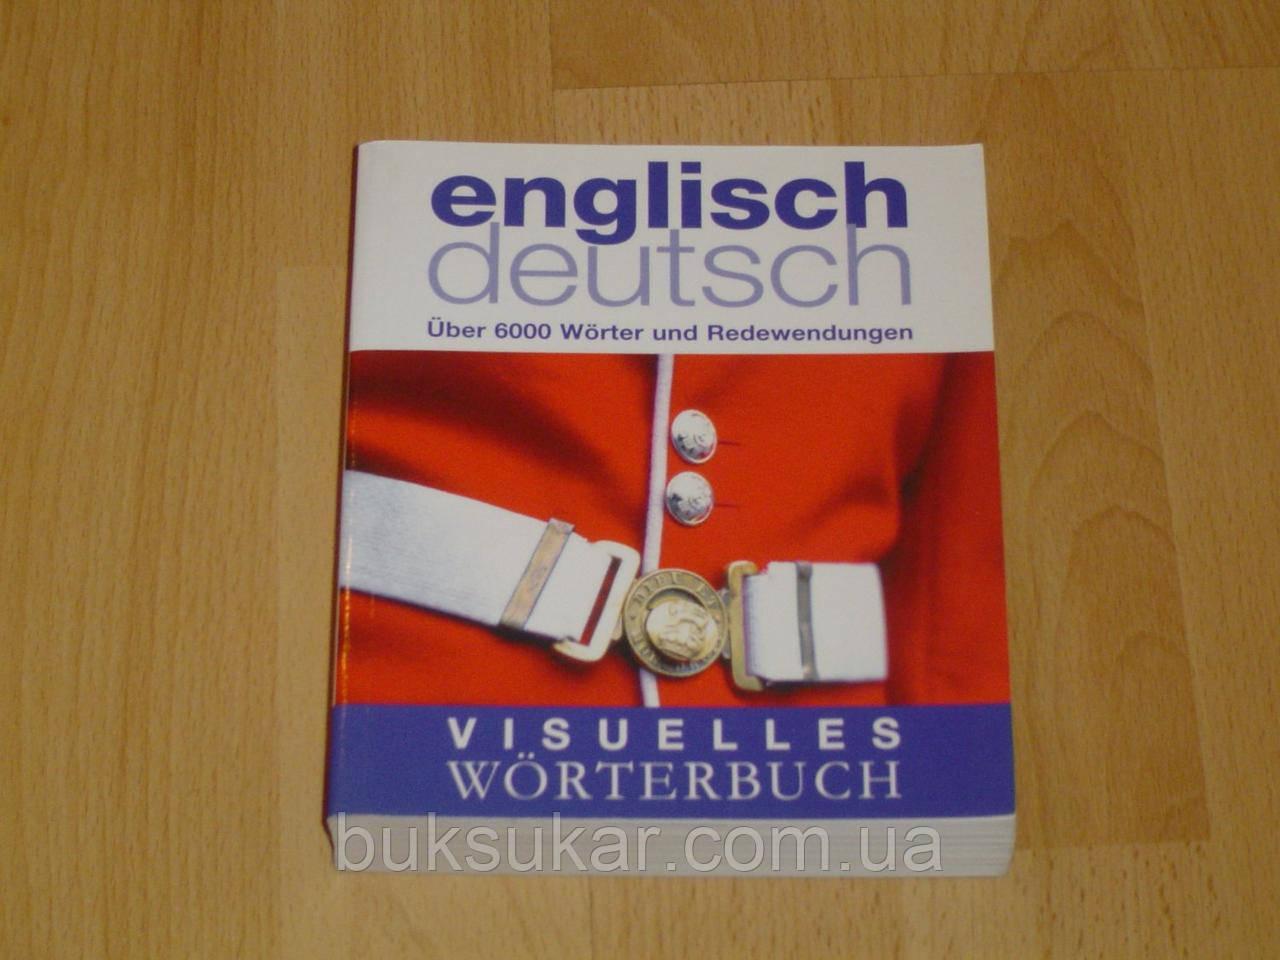 Englisch-Deutsch - Über 6000 Wörter und Redewendungen / Английский-Немецкий - Более 6000 слов и фраз